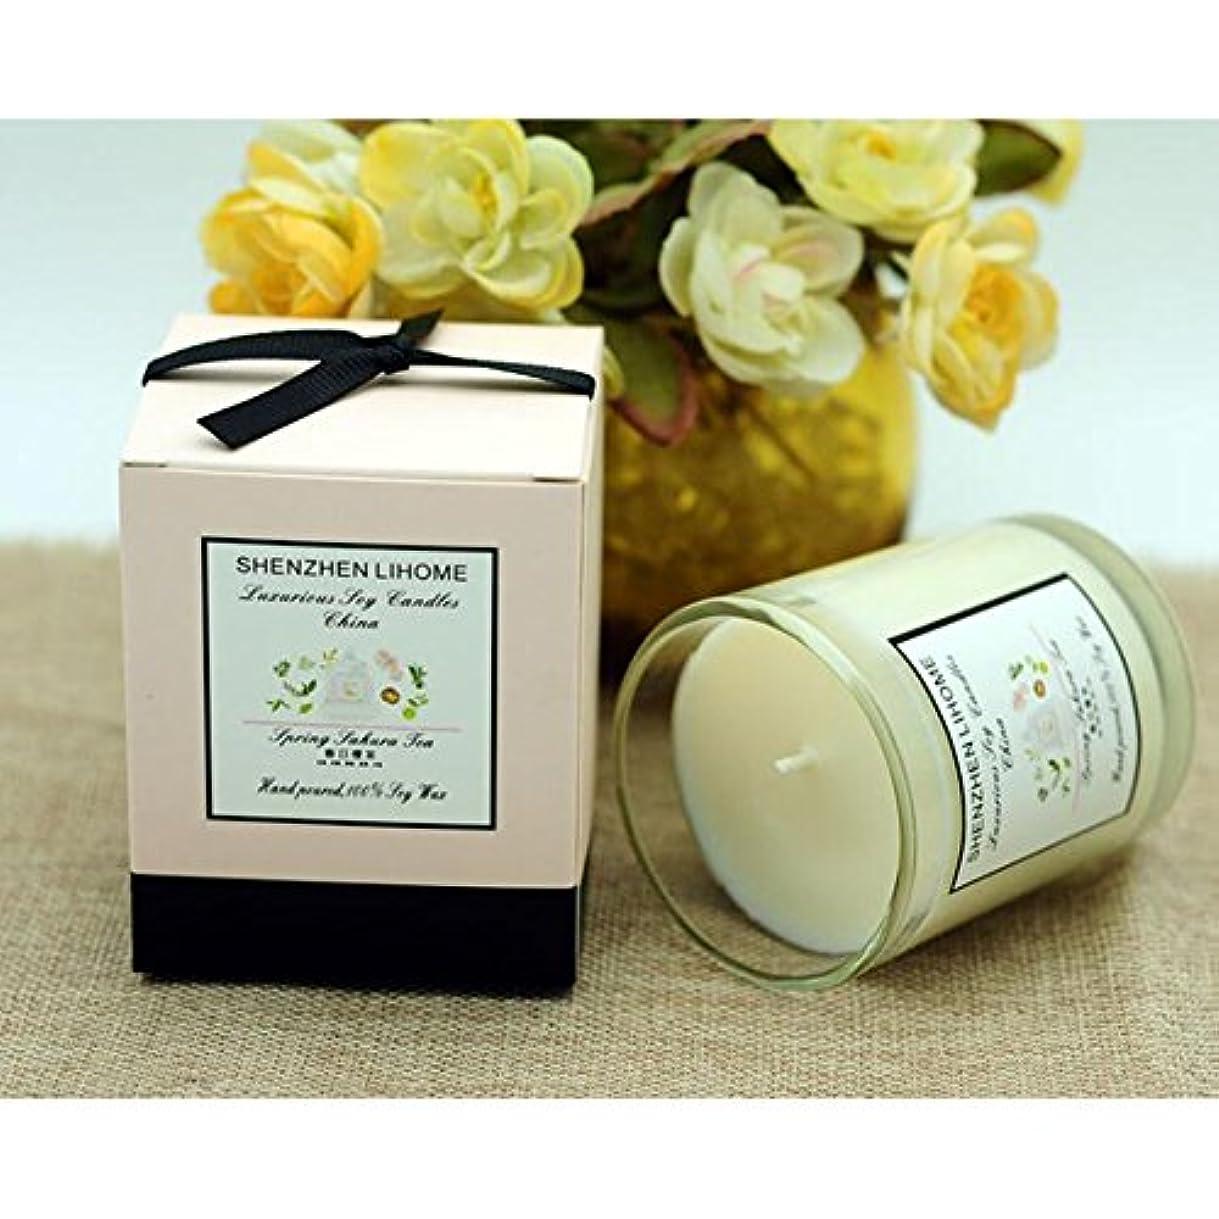 商品月集計Liebeye キャンドル 大豆ワックス ロマンチックな無煙の香り 香りのティーキャンドル自然 ガラスキャンドル 春の桜の香